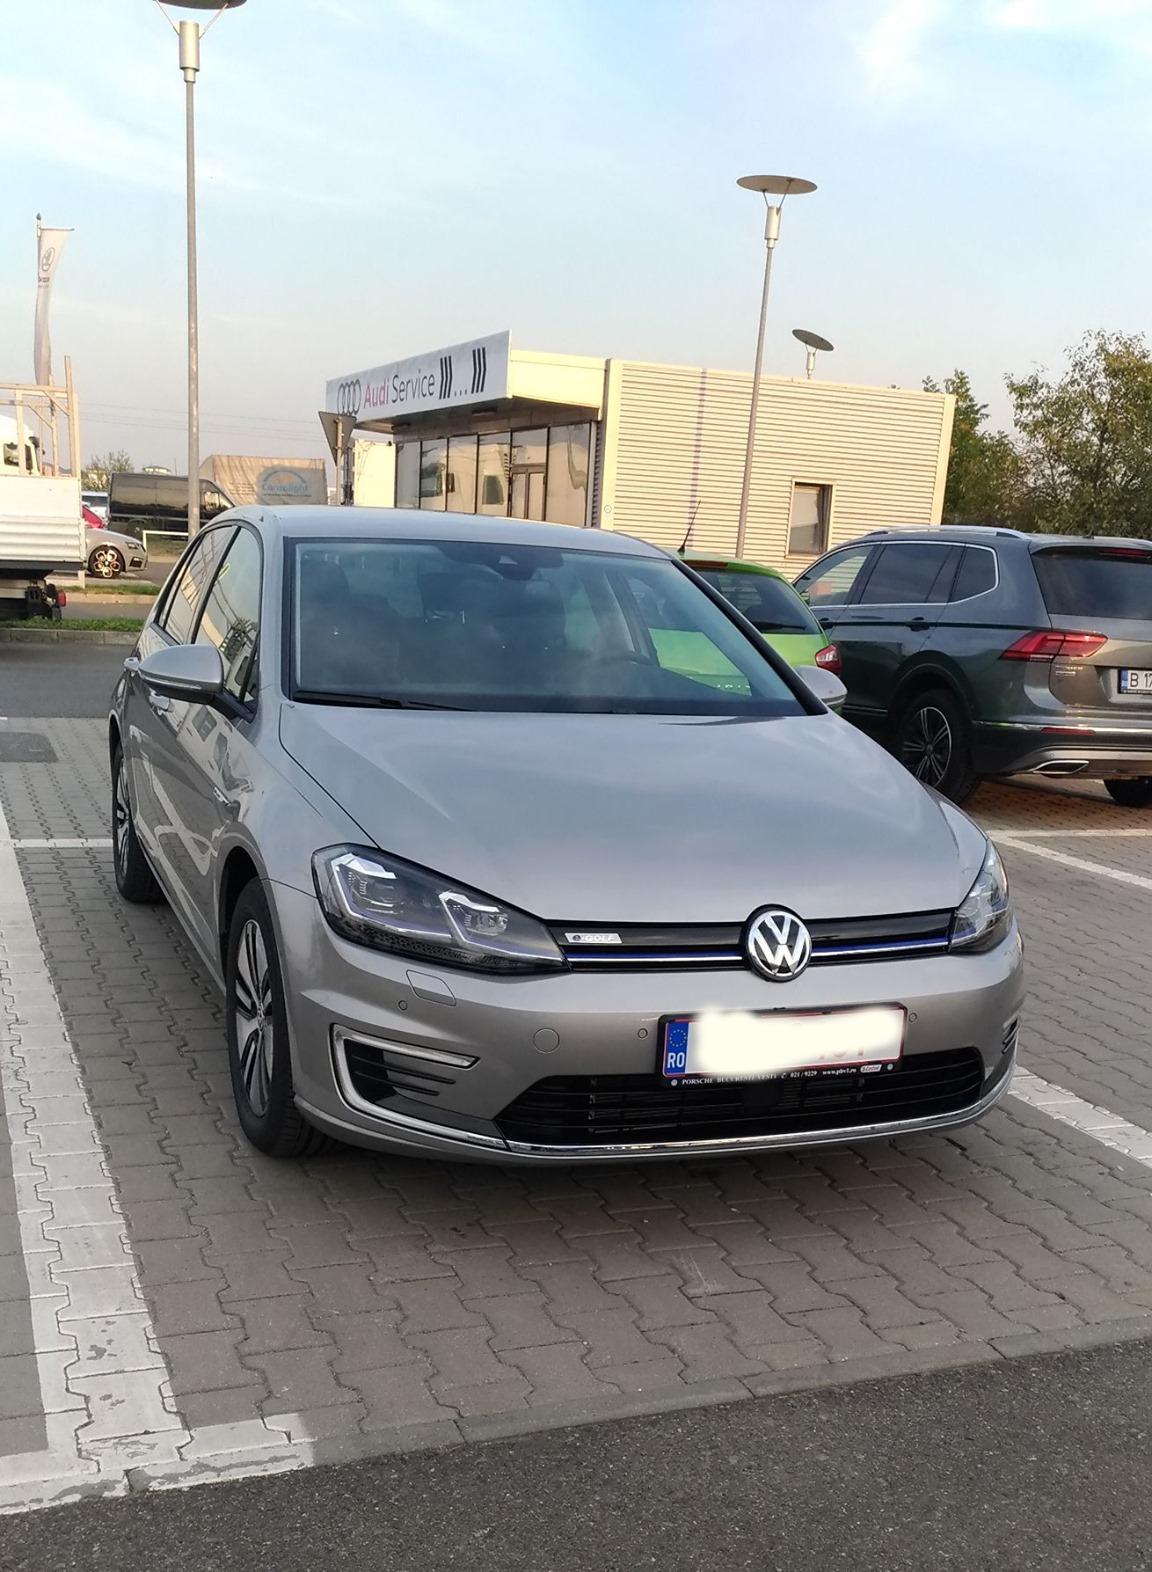 Volkswagen e-Golf travel guide